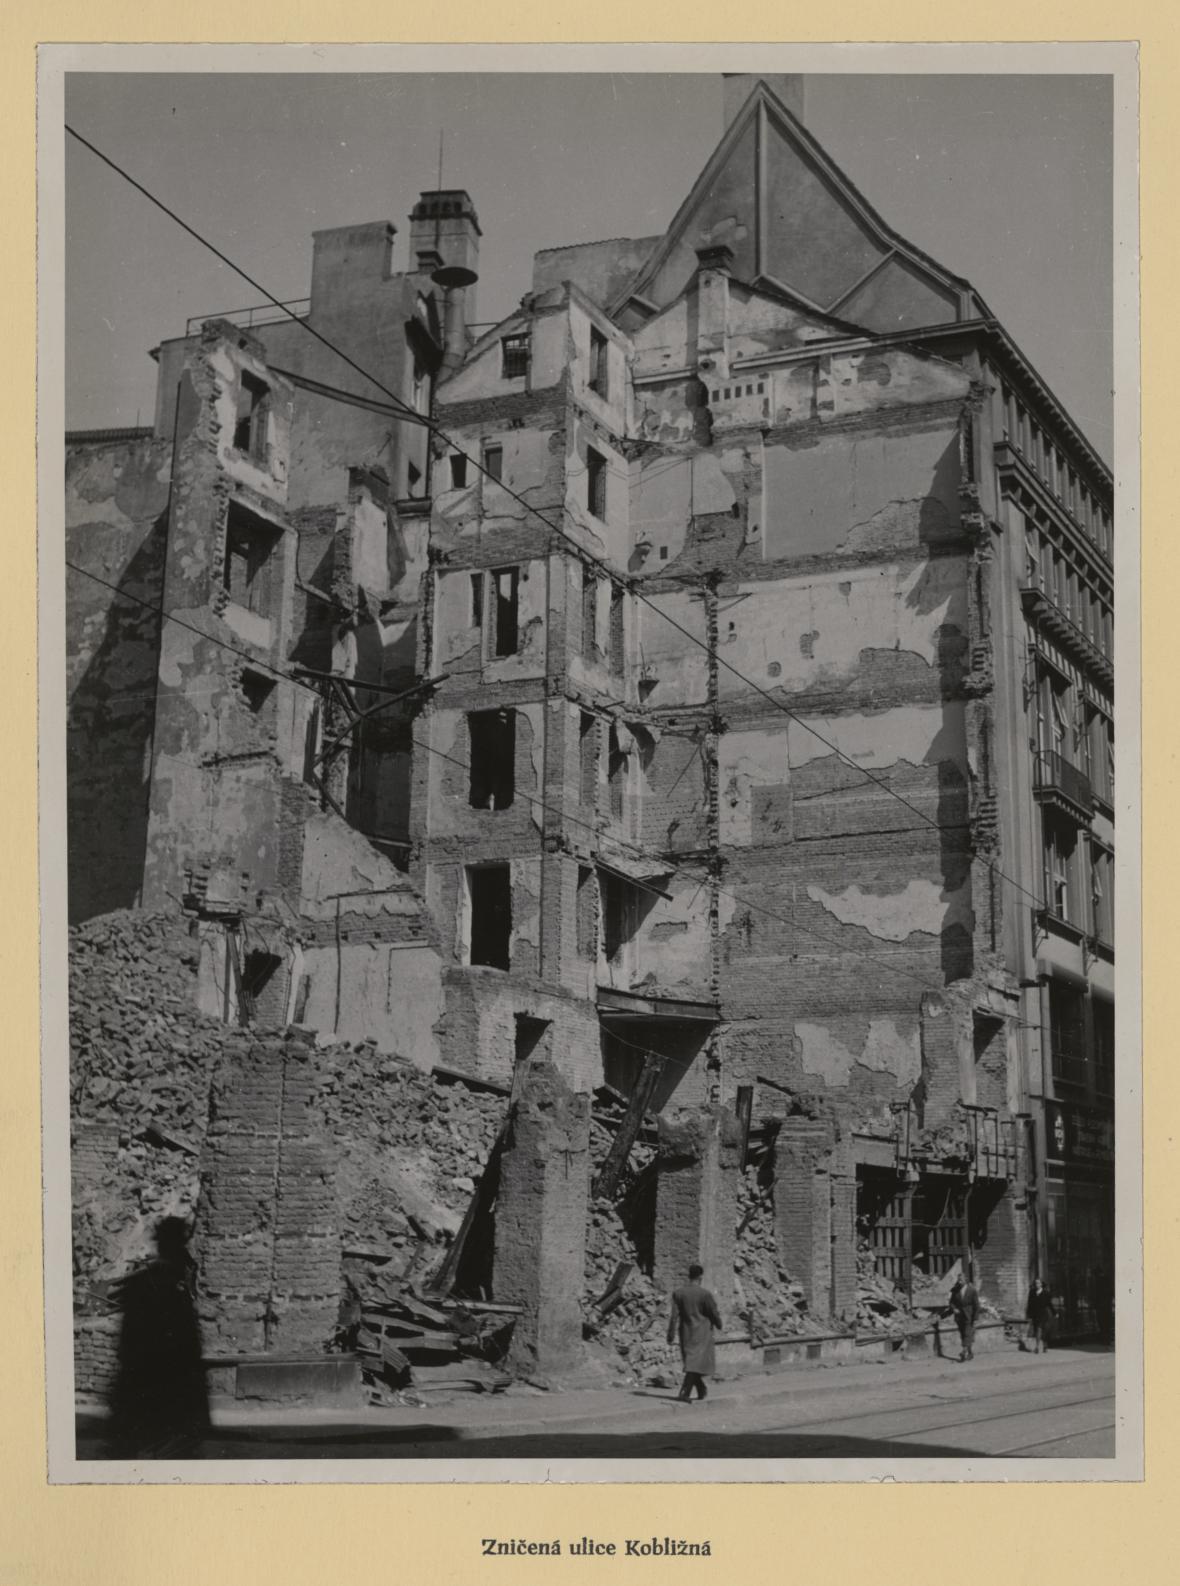 Brno po bombardování (iluce Kobližná)